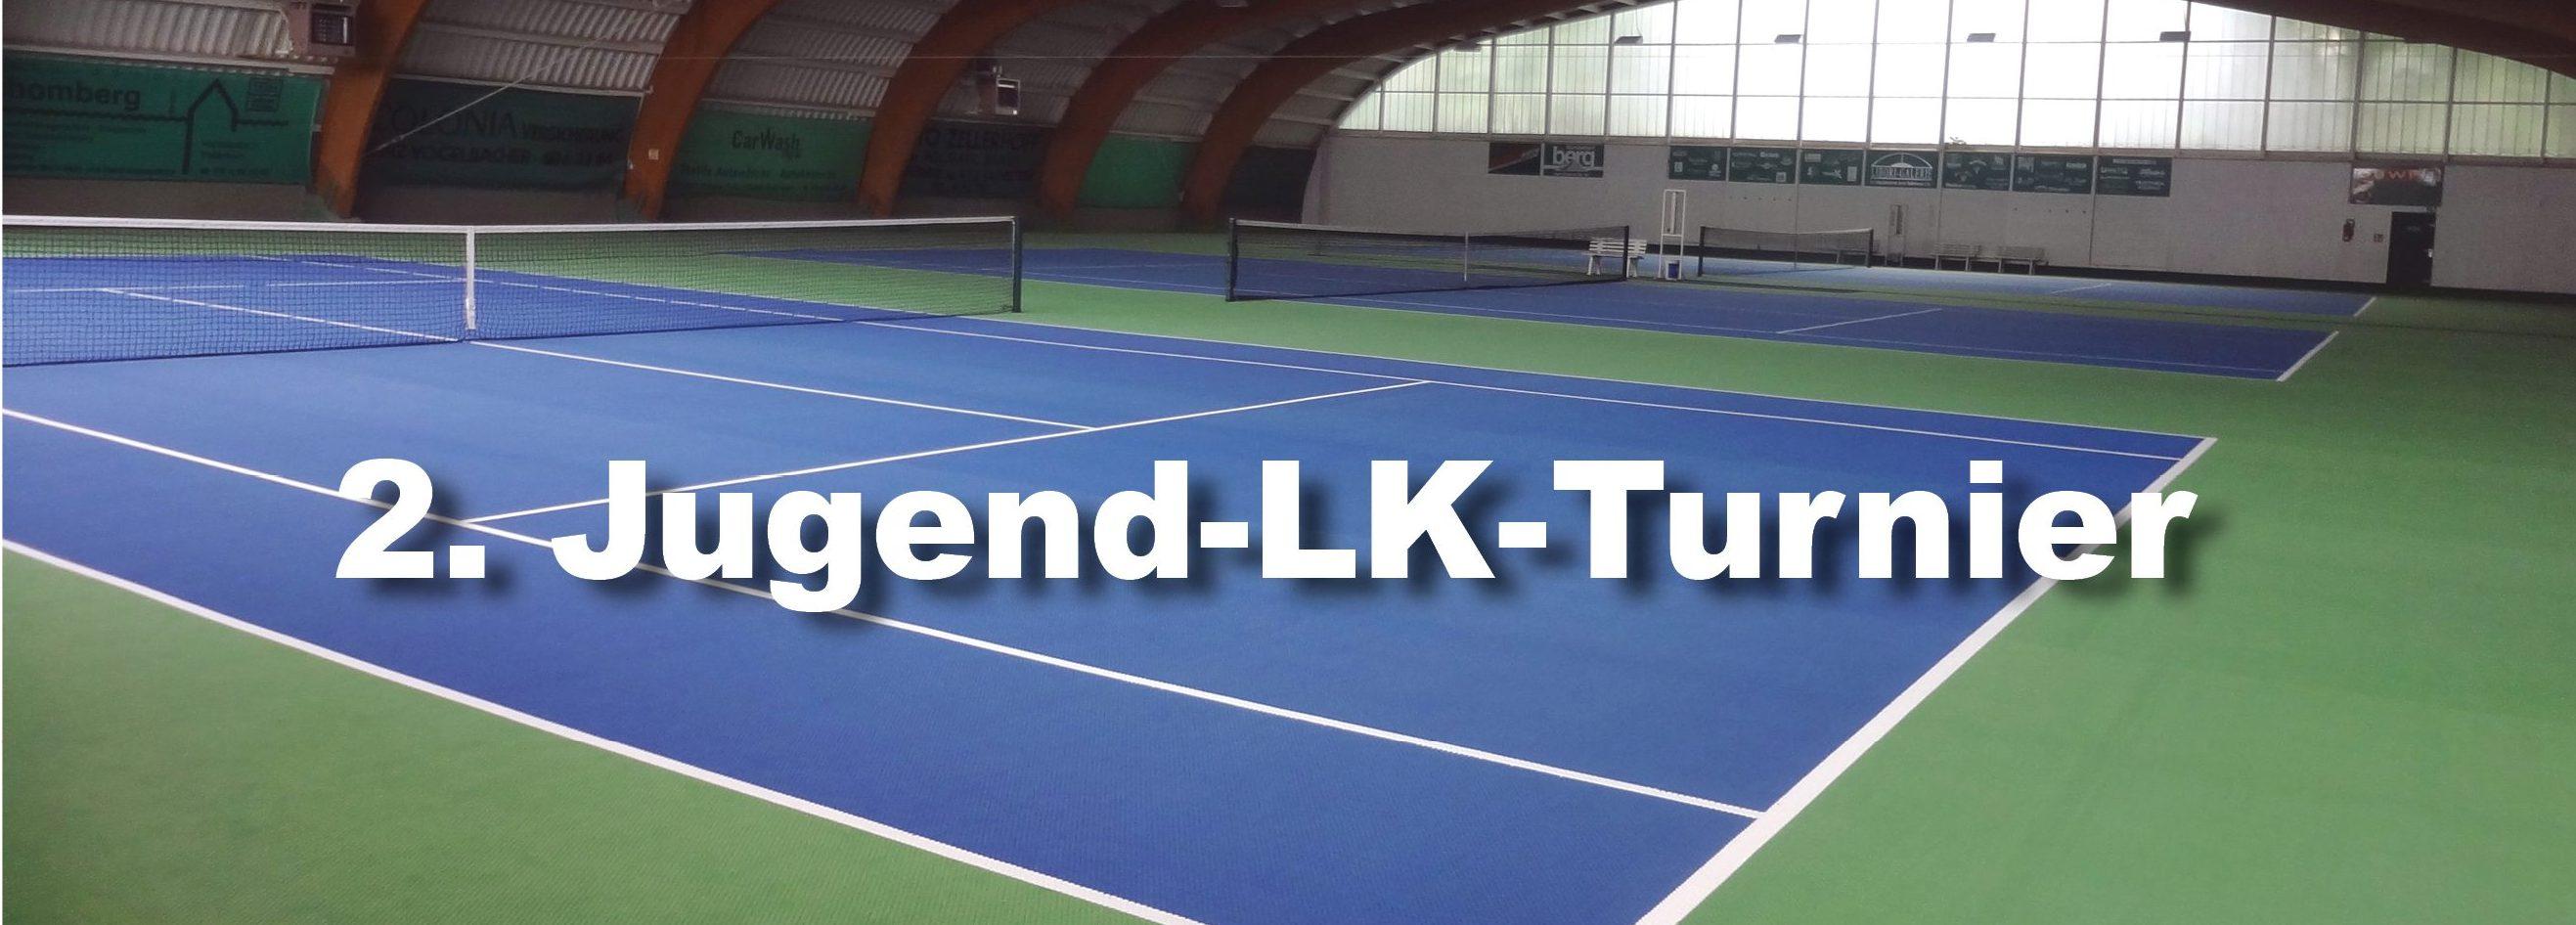 GRÜN-WEISSES Jugend-LK-Turnier am 24.10.2019